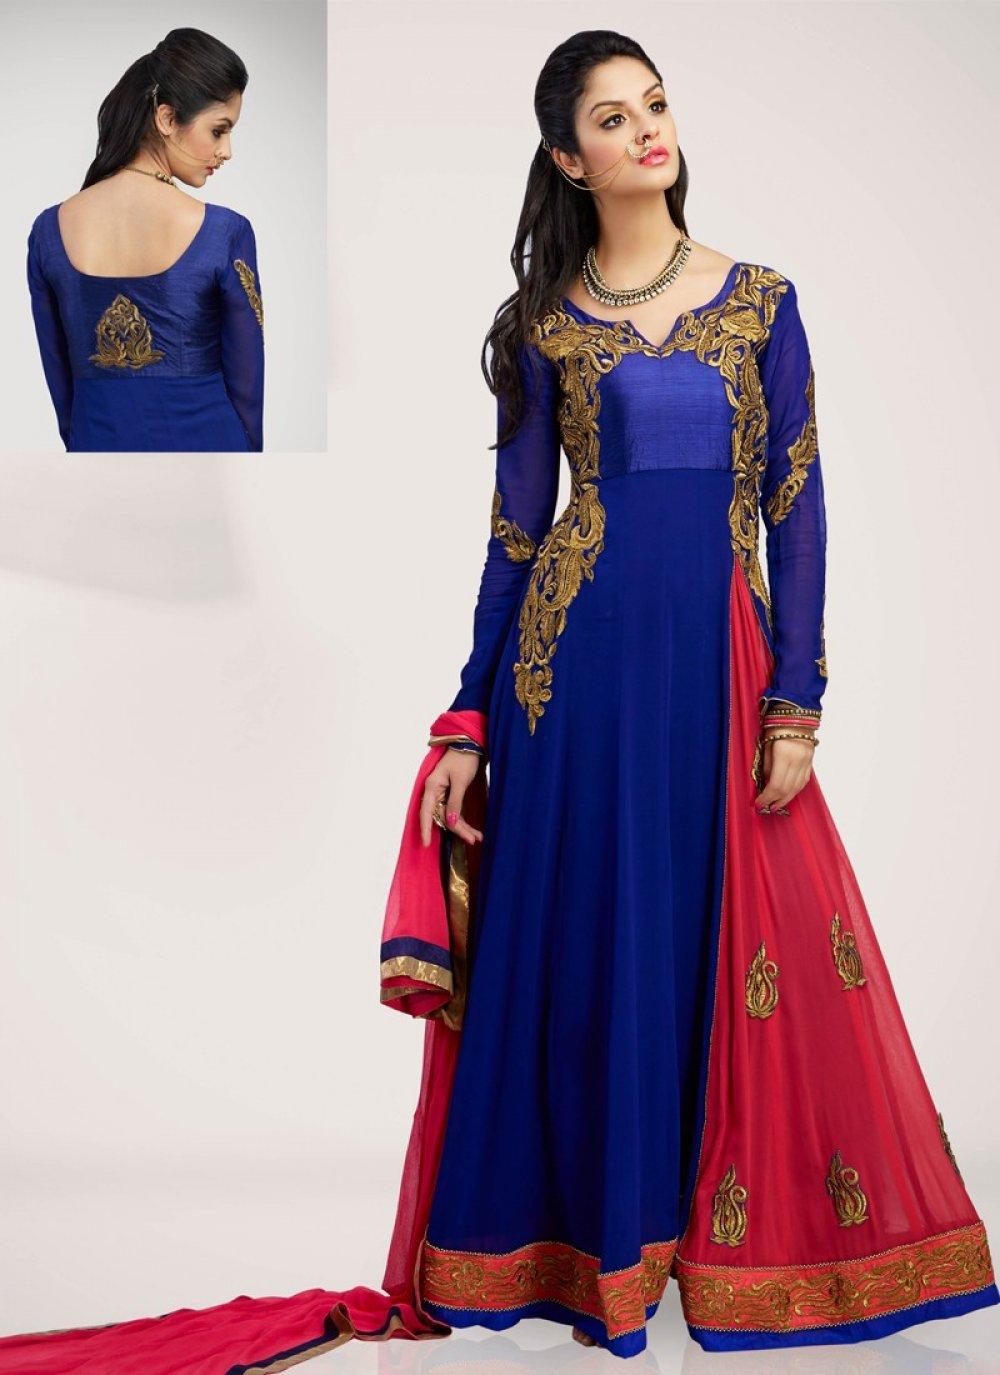 Blue Zari Work Faux Georgette Anarkali Suit